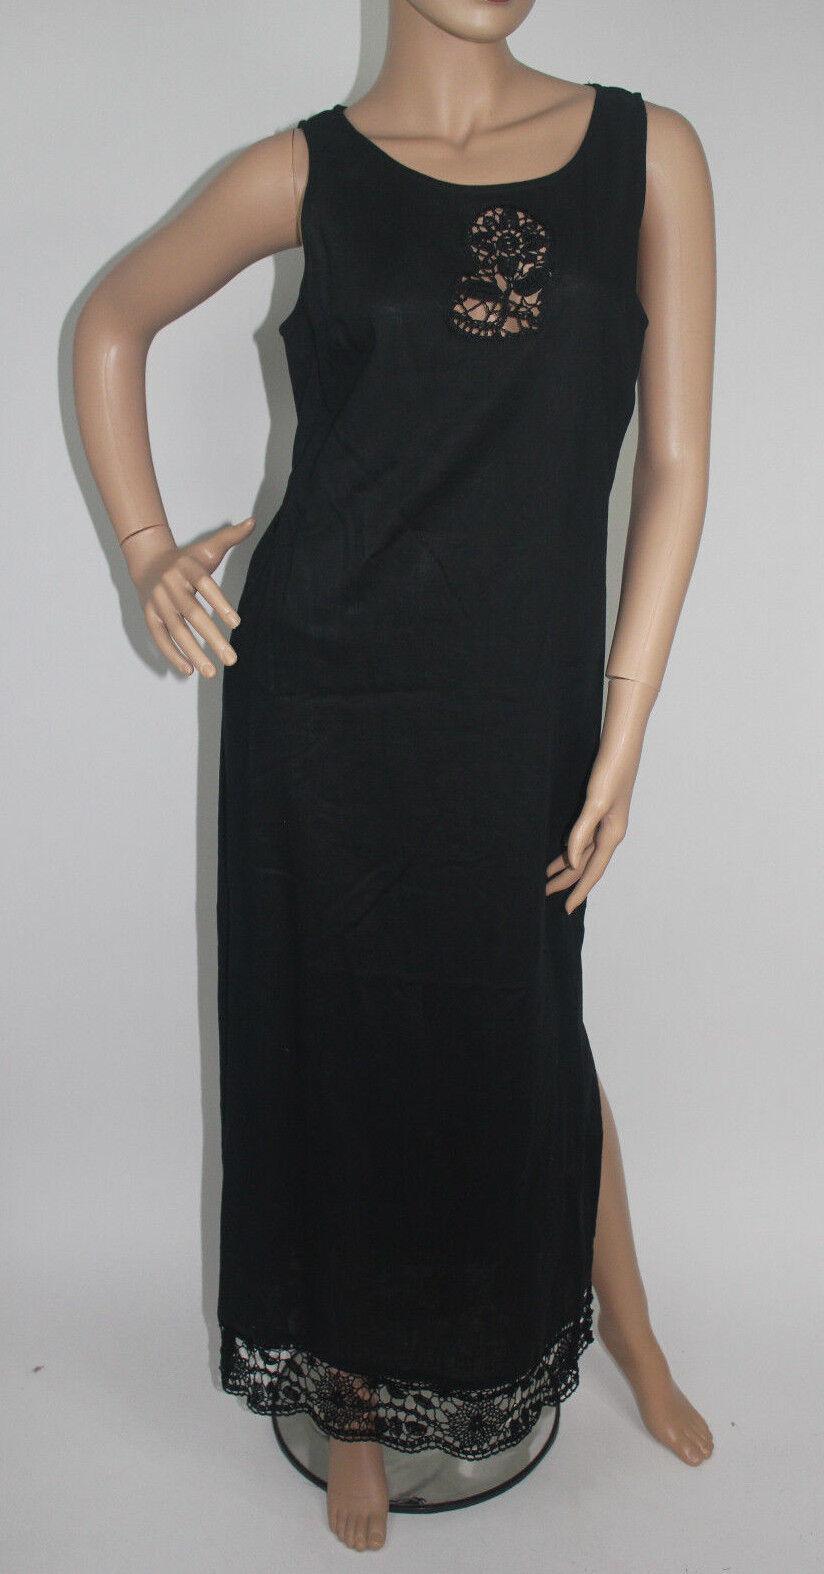 STUDIO I   Dress Women Black FULL Length 100% Linen Size 8